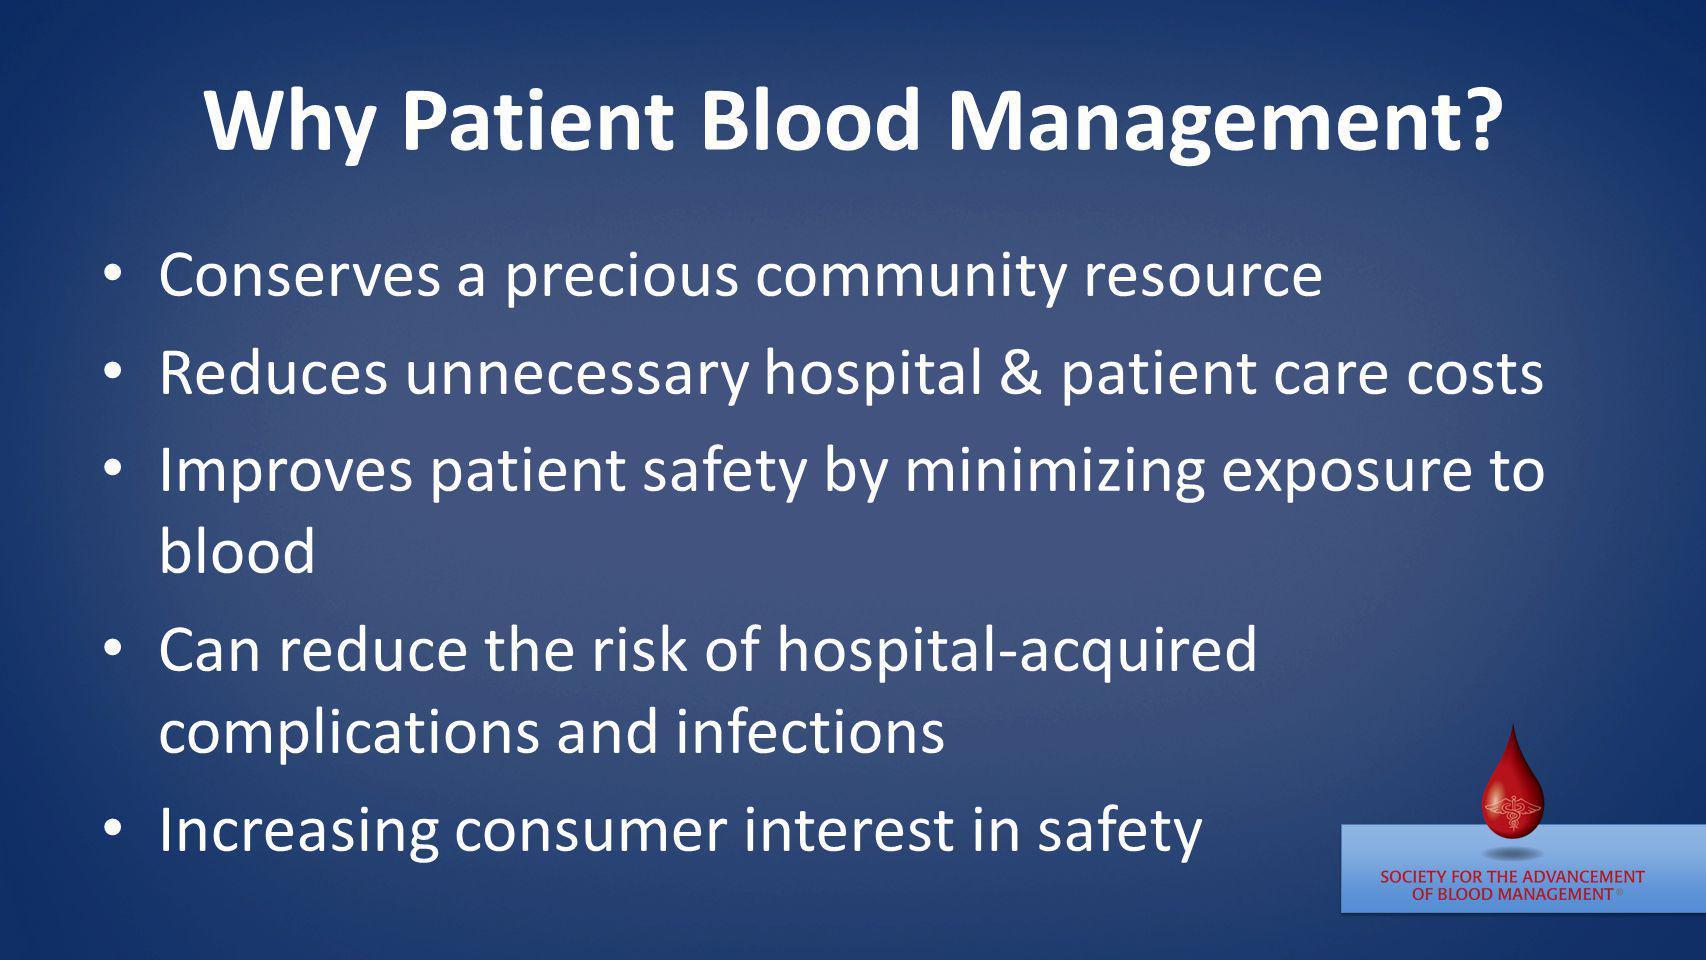 Why Patient Blood Management